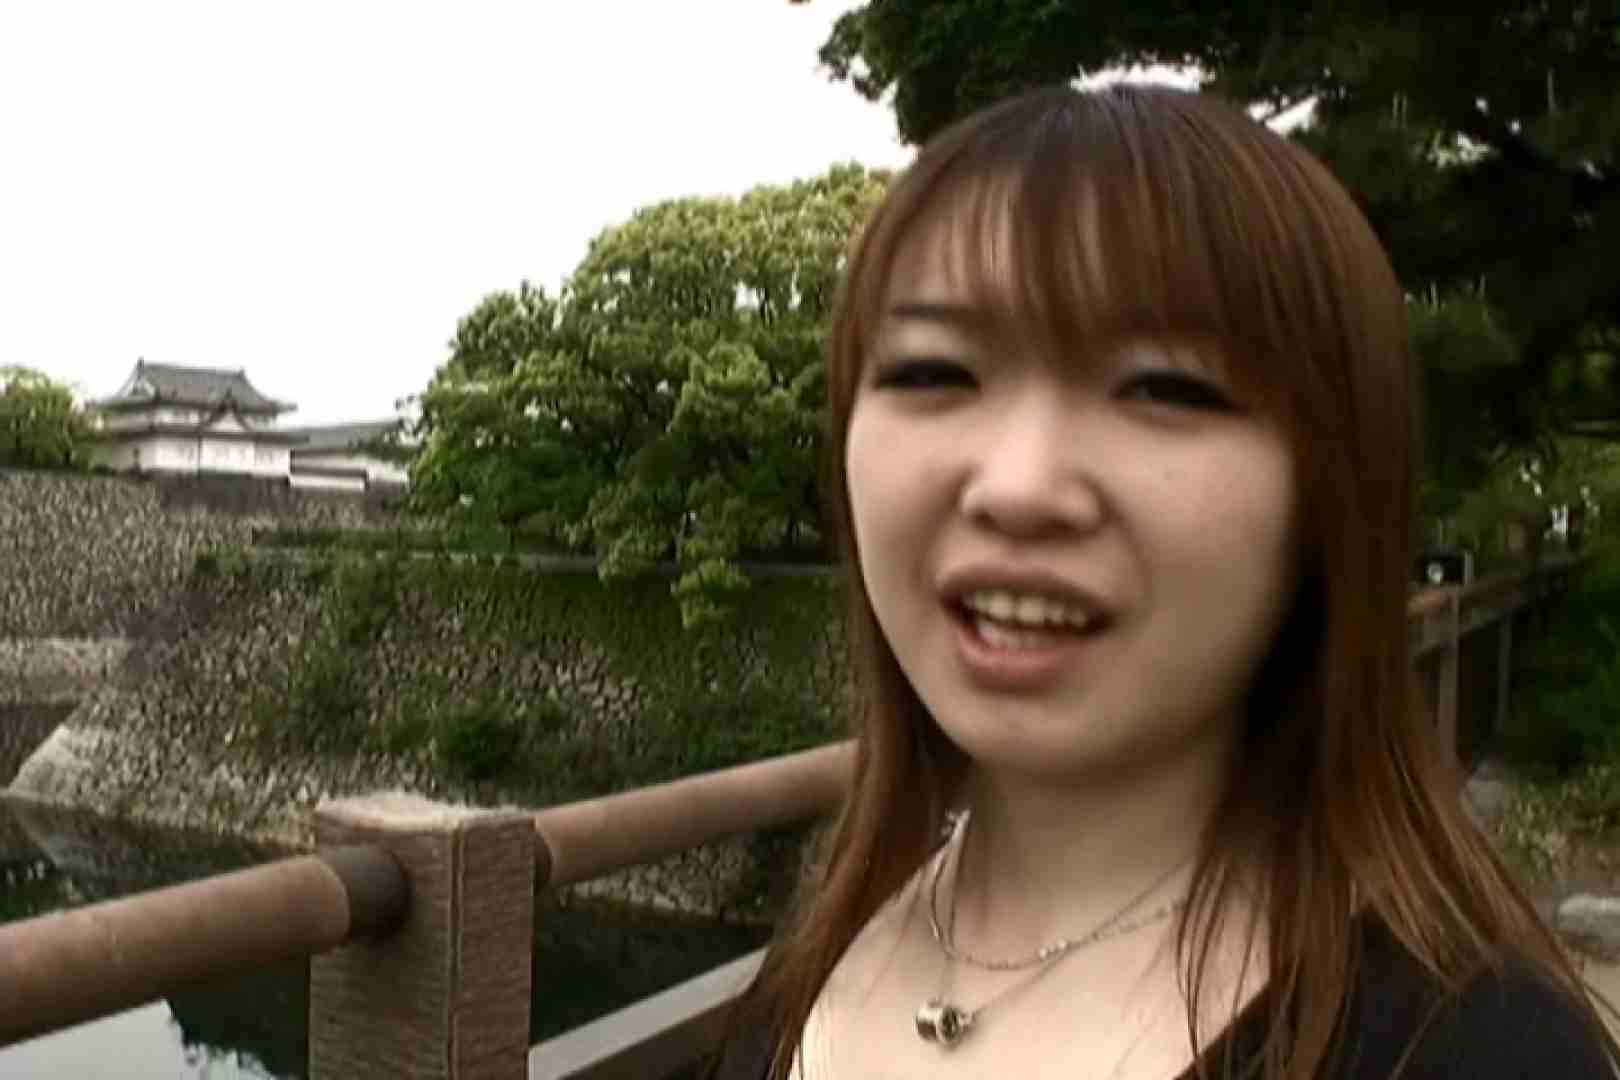 ハイビジョンパンチラ オッテQさんの追跡パンチラ階段編Vol.04 追跡 ぱこり動画紹介 83PIX 51